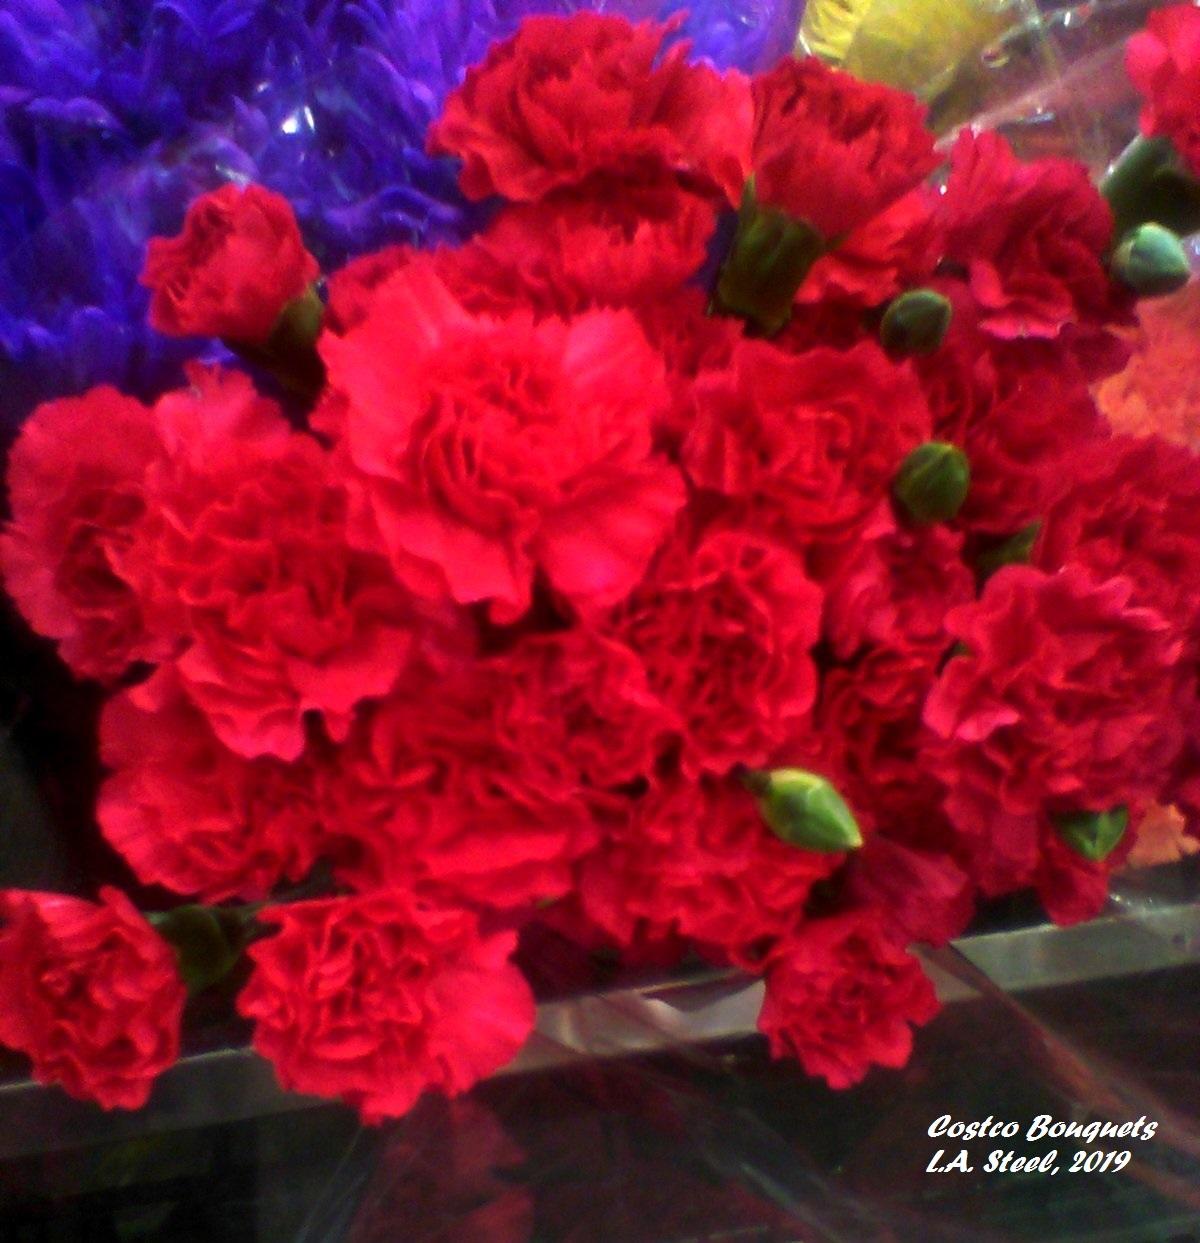 costco bouquets 2 2019